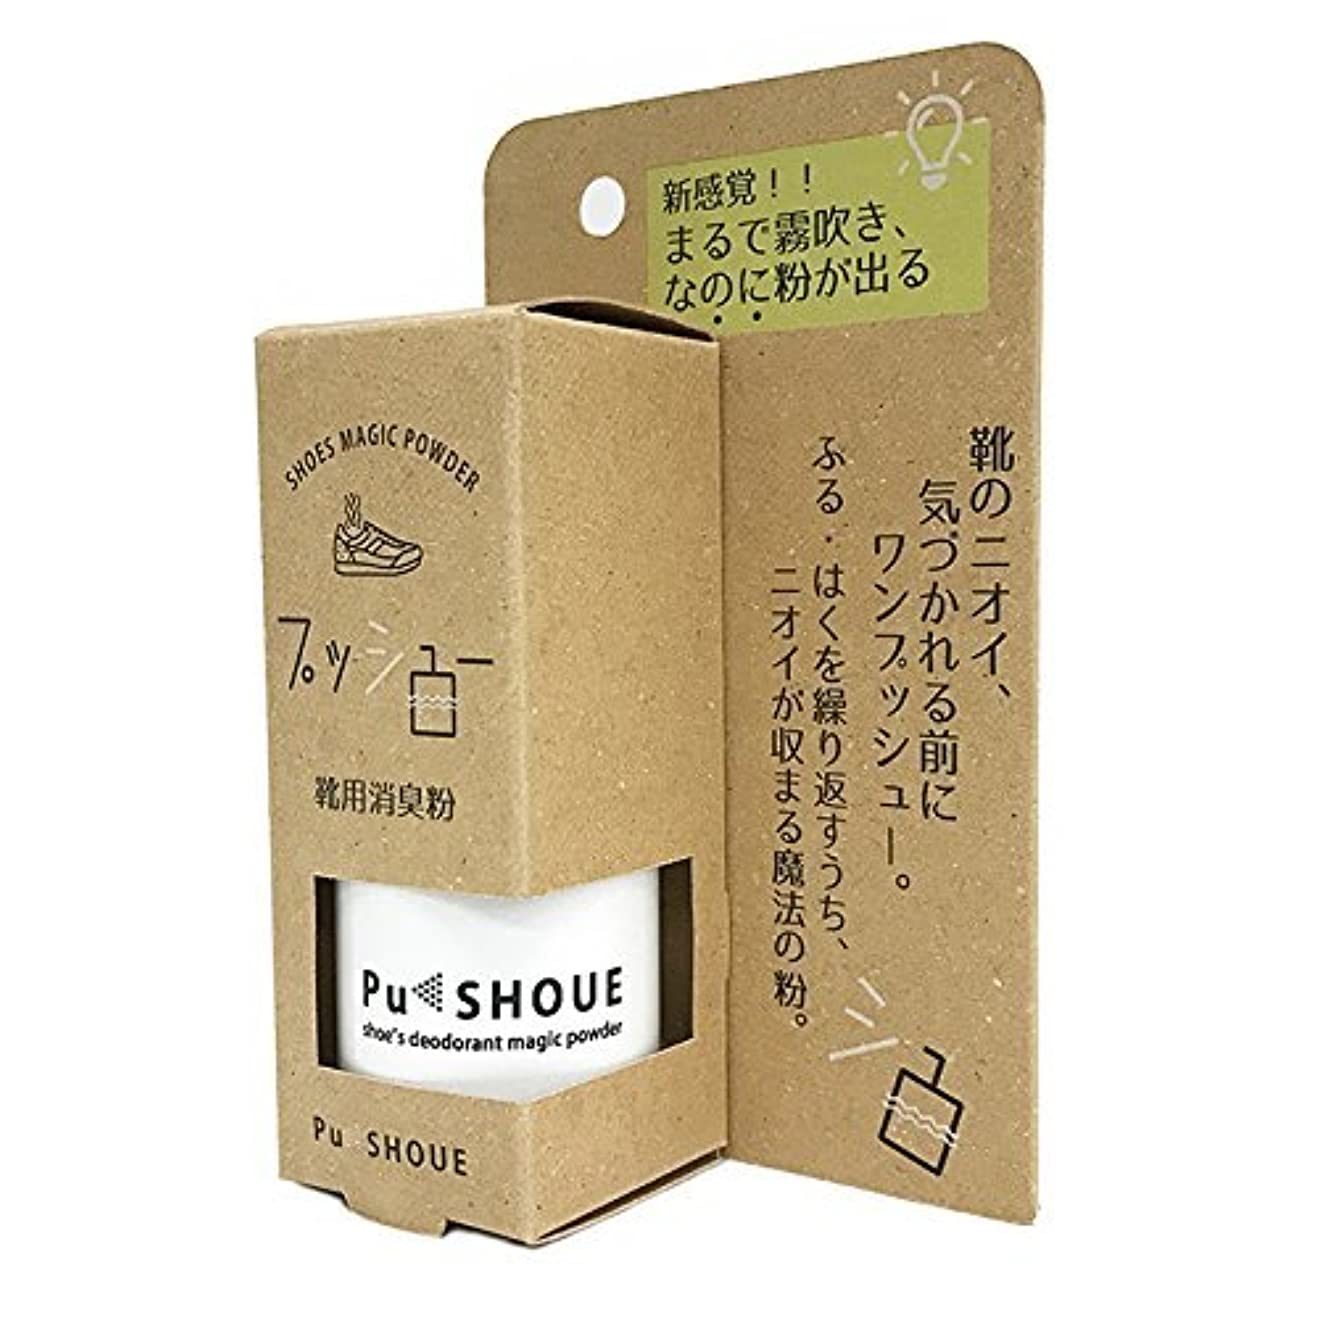 常にベルト新しい意味Pu SHOUE プッシュー 無香料【スプレータイプで持ち運びOK 靴用消臭粉 1100回分】